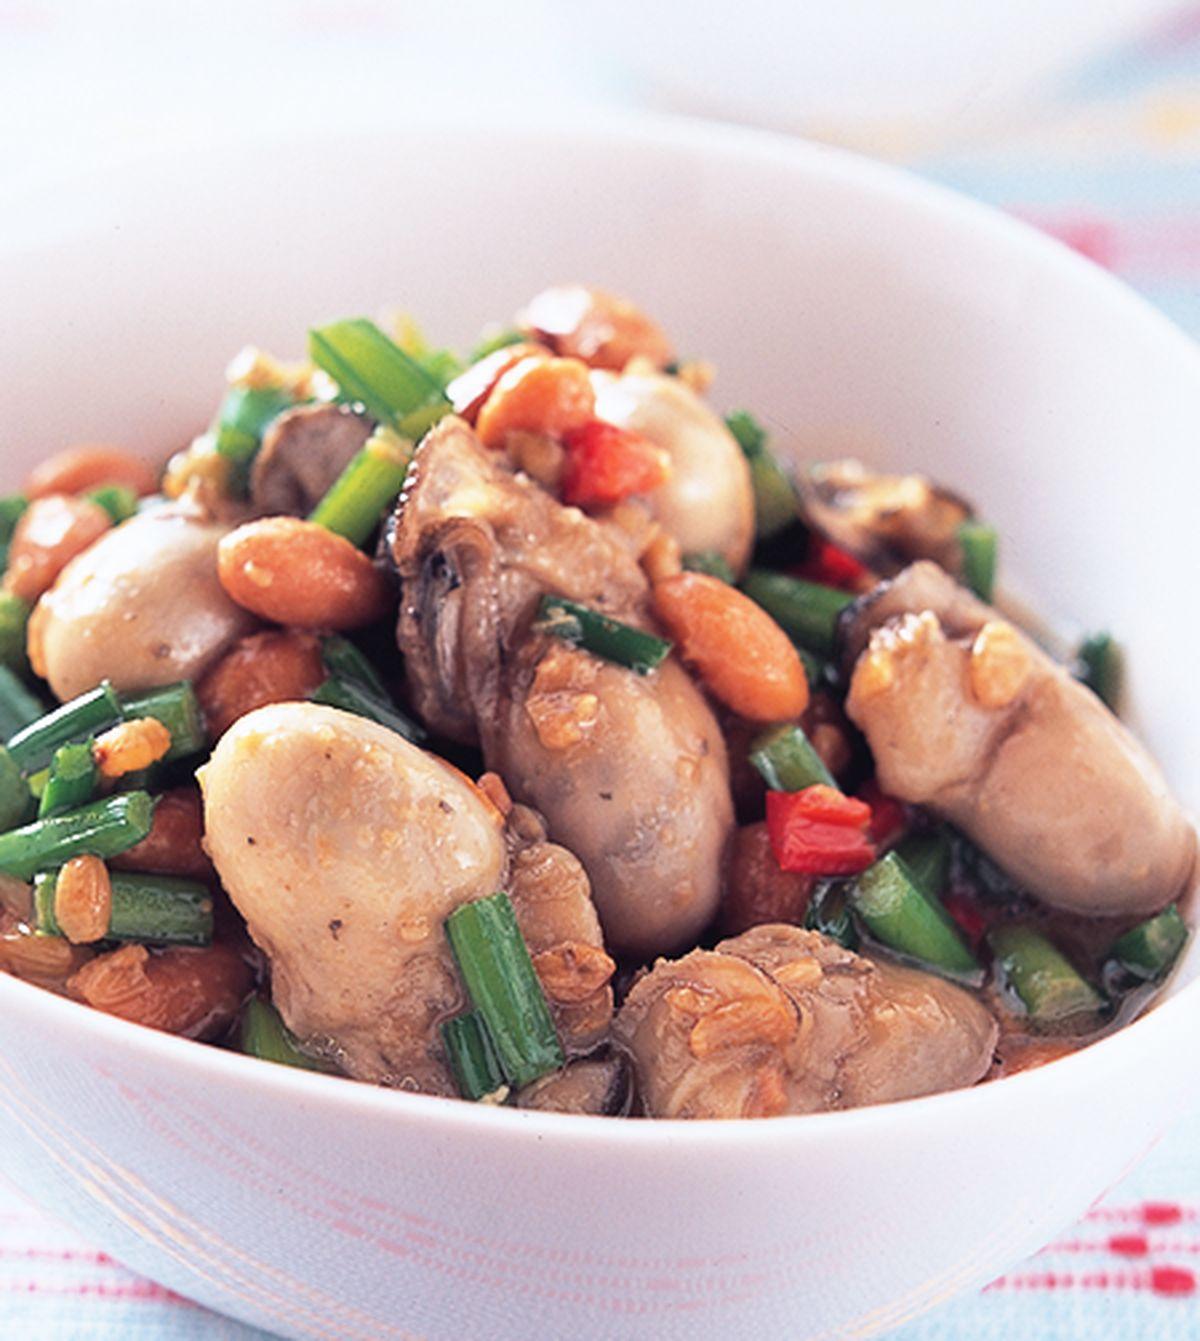 食譜:豆醬炒鮮蚵